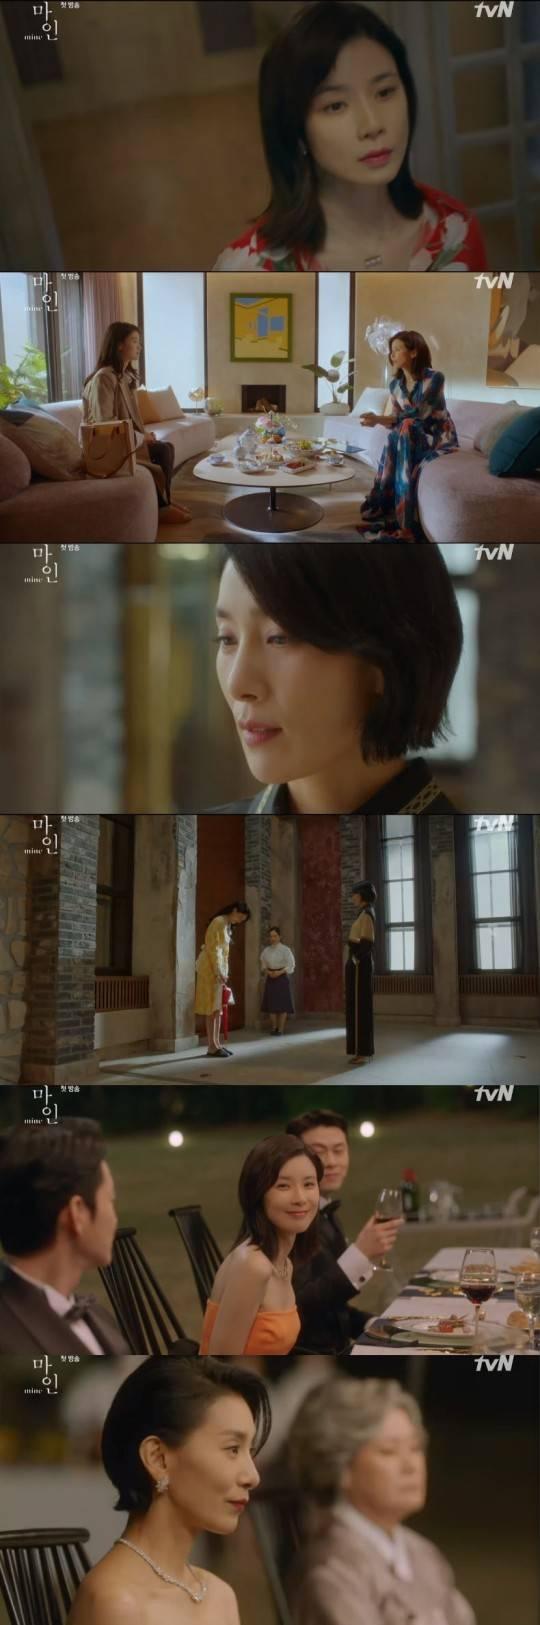 오늘 첫방송 했는데 반응 좋은 tvN 토일드라마.jpg | 인스티즈